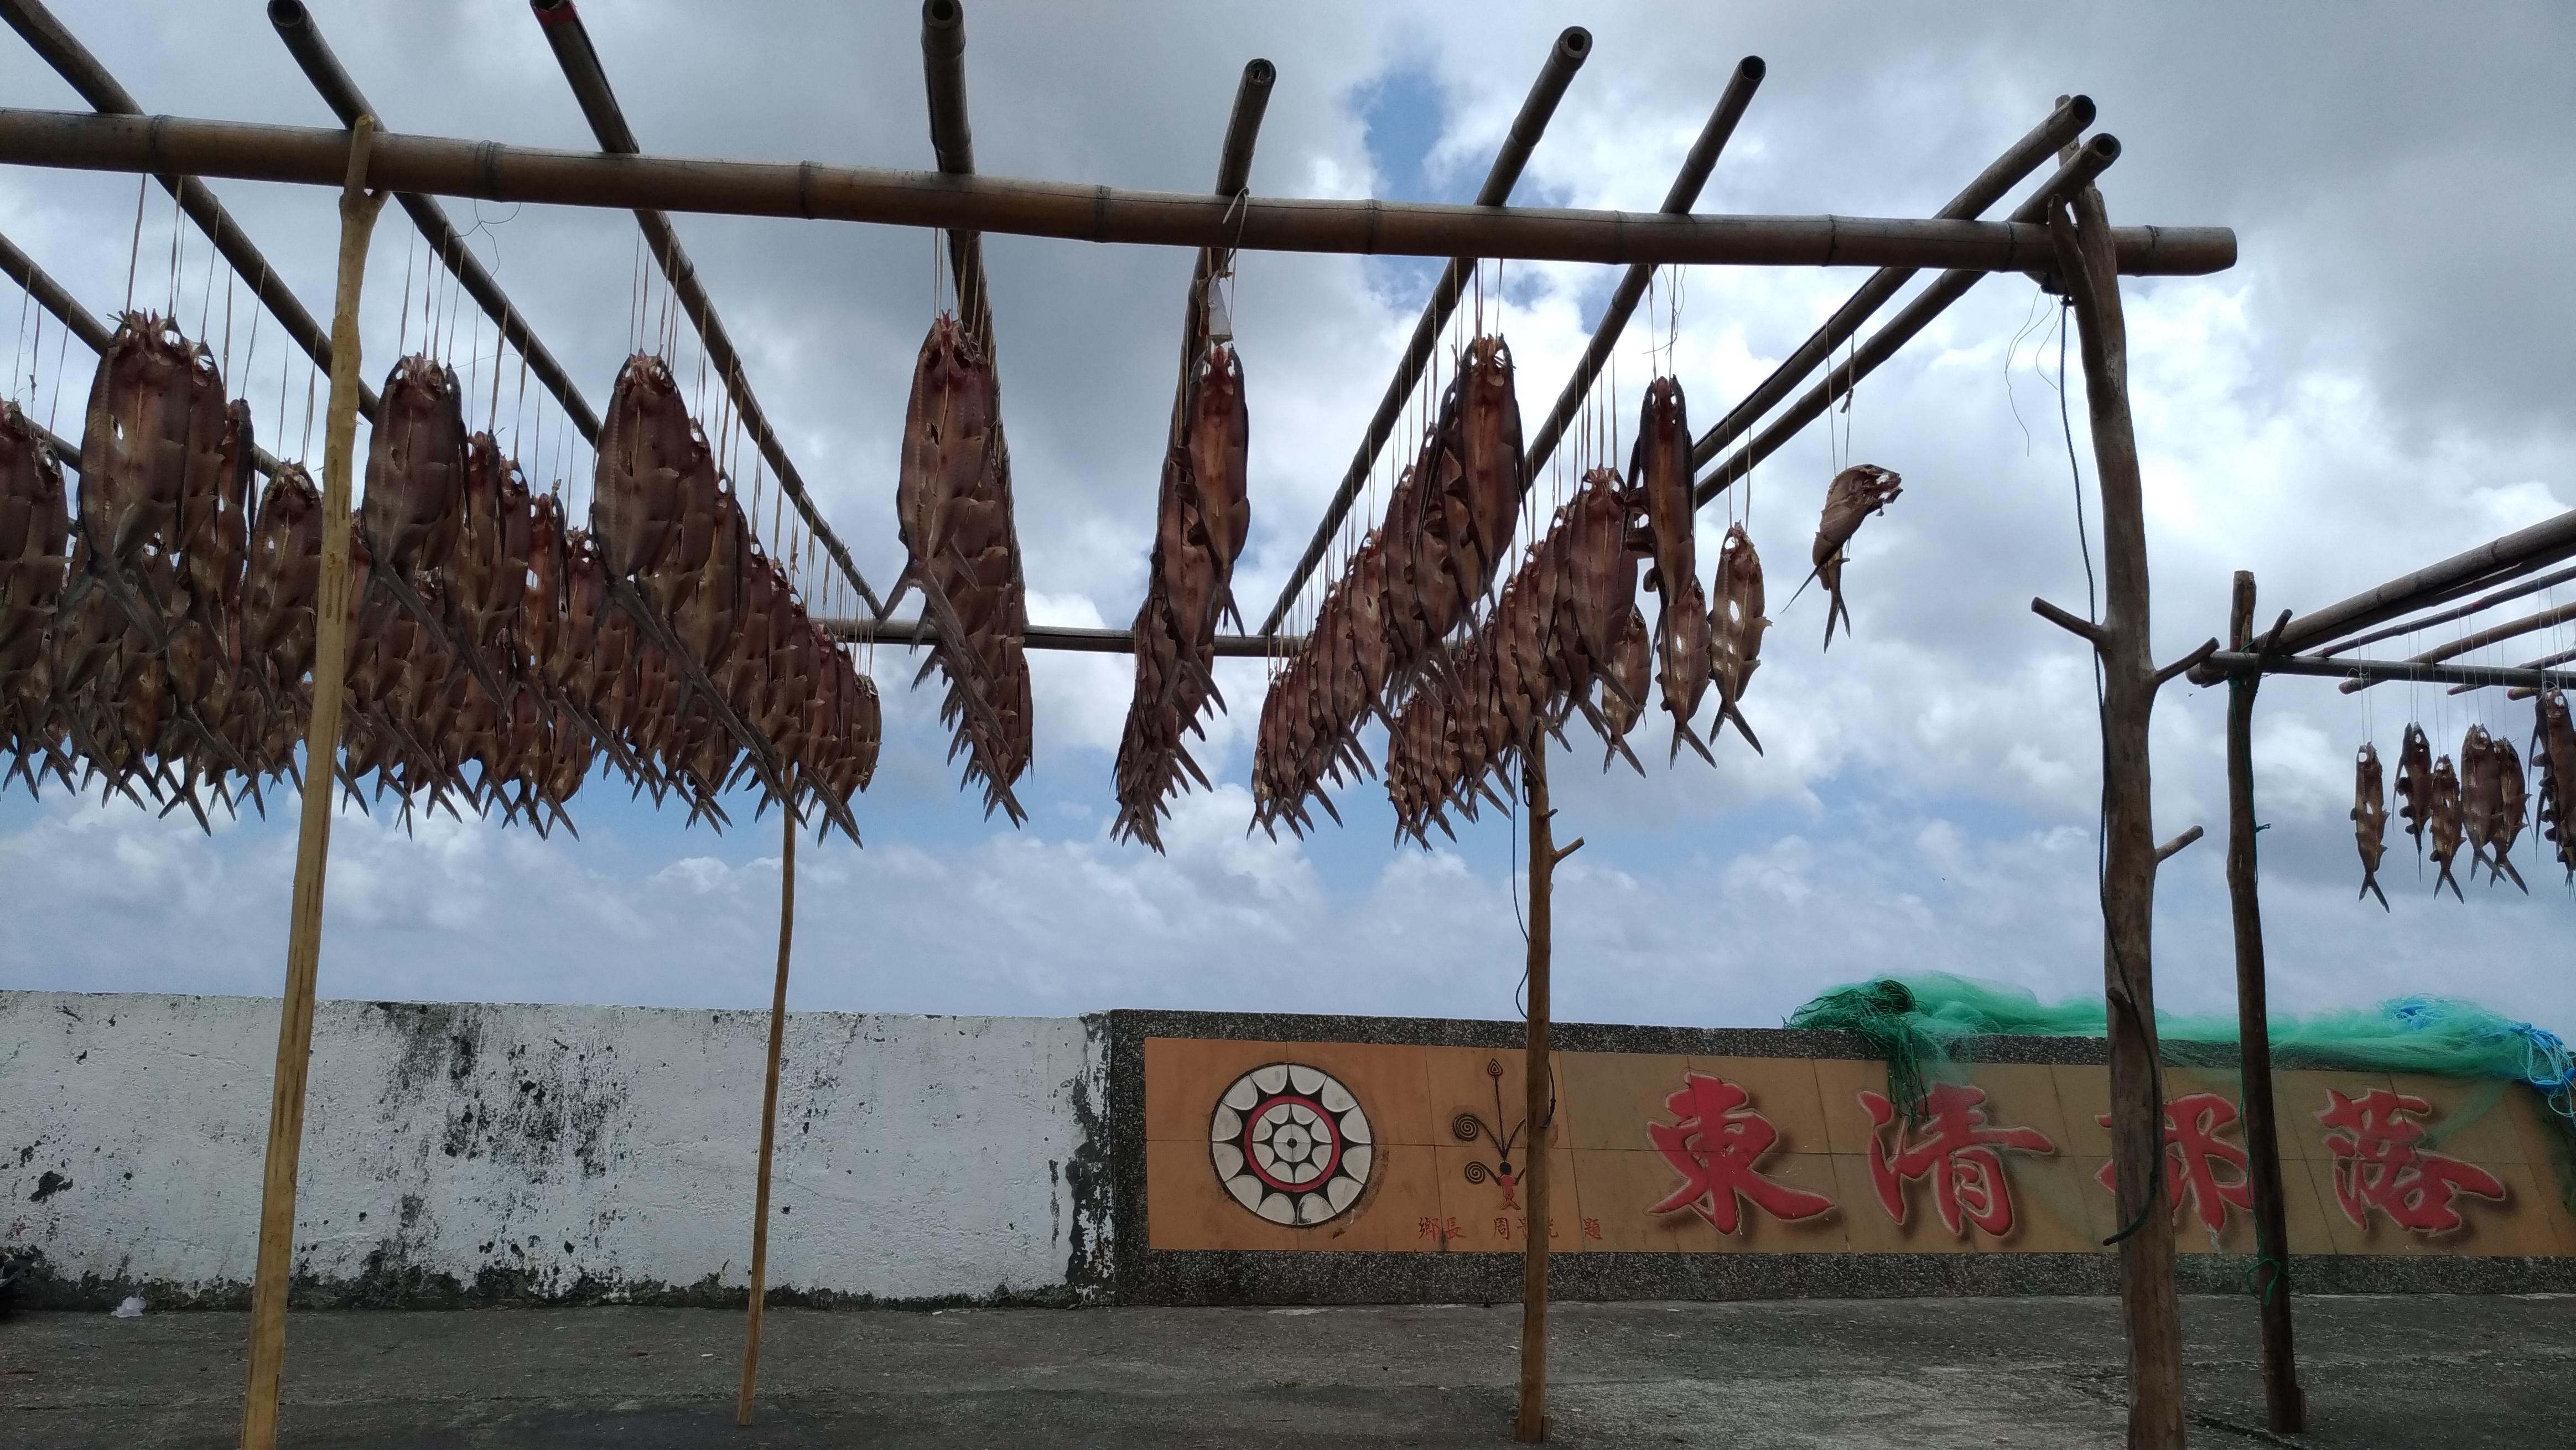 魚與黑道:追蹤暴力團的大金脈「盜漁經濟」